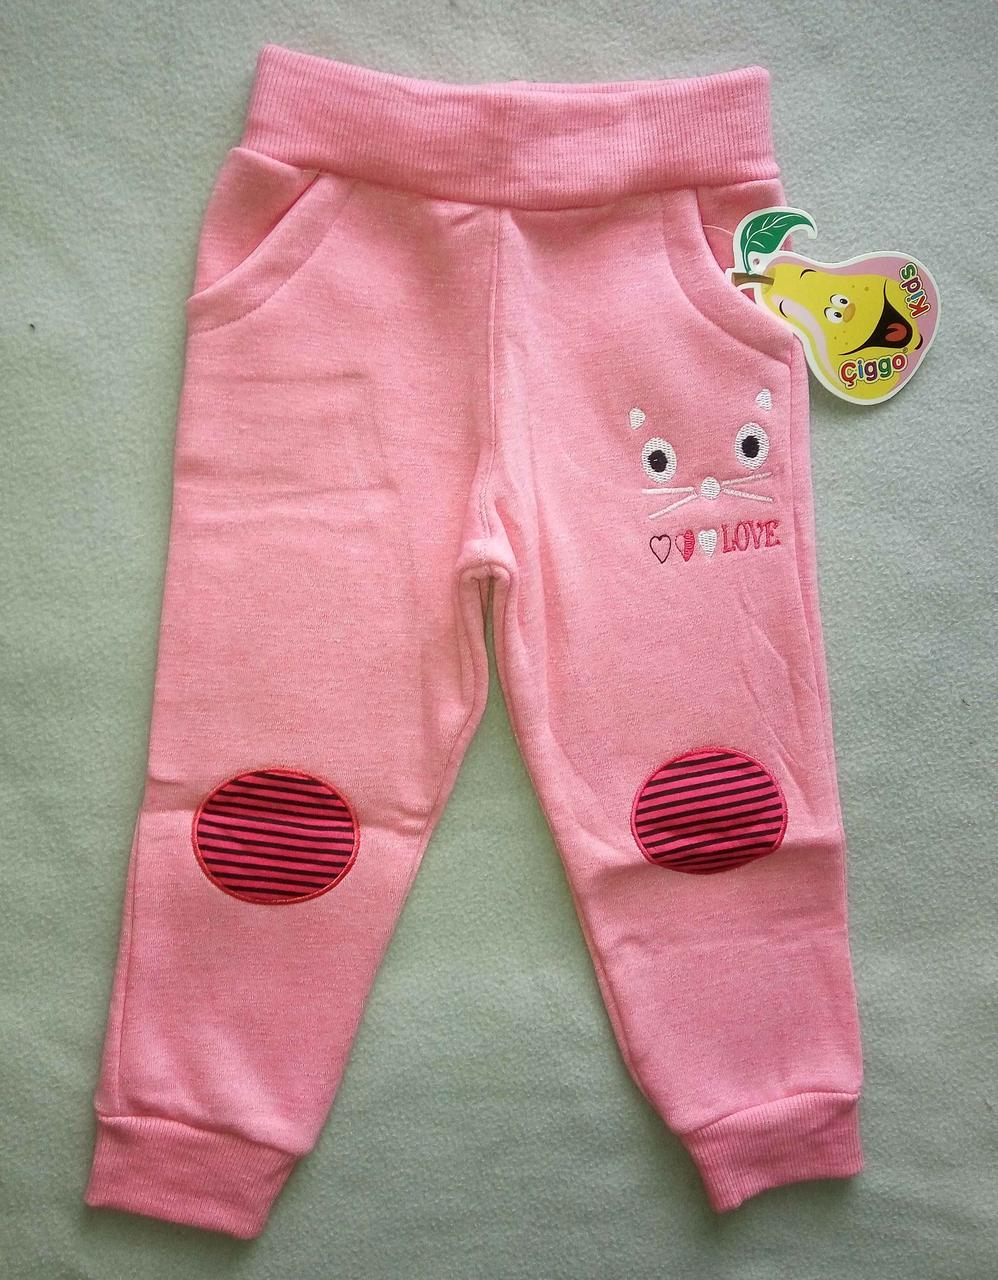 daf802aa Детские спортивные штаны с начесом для девочек 1-4 года трехнитка Турция  оптом